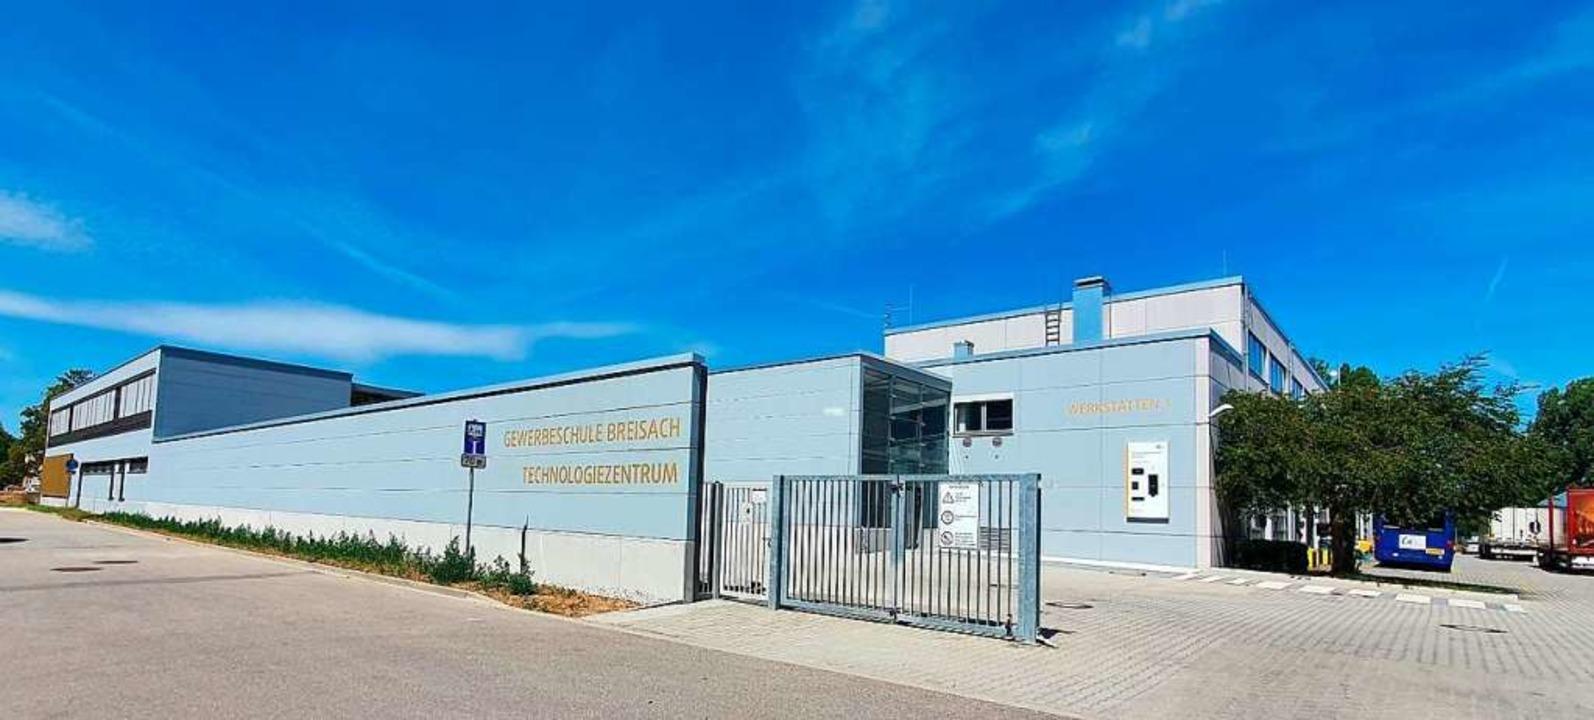 Nach fünf Jahren Bauzeit wurde das Tec...Gewerbeschule Breisach fertiggestellt.    Foto: Julius Wilhelm Steckmeister